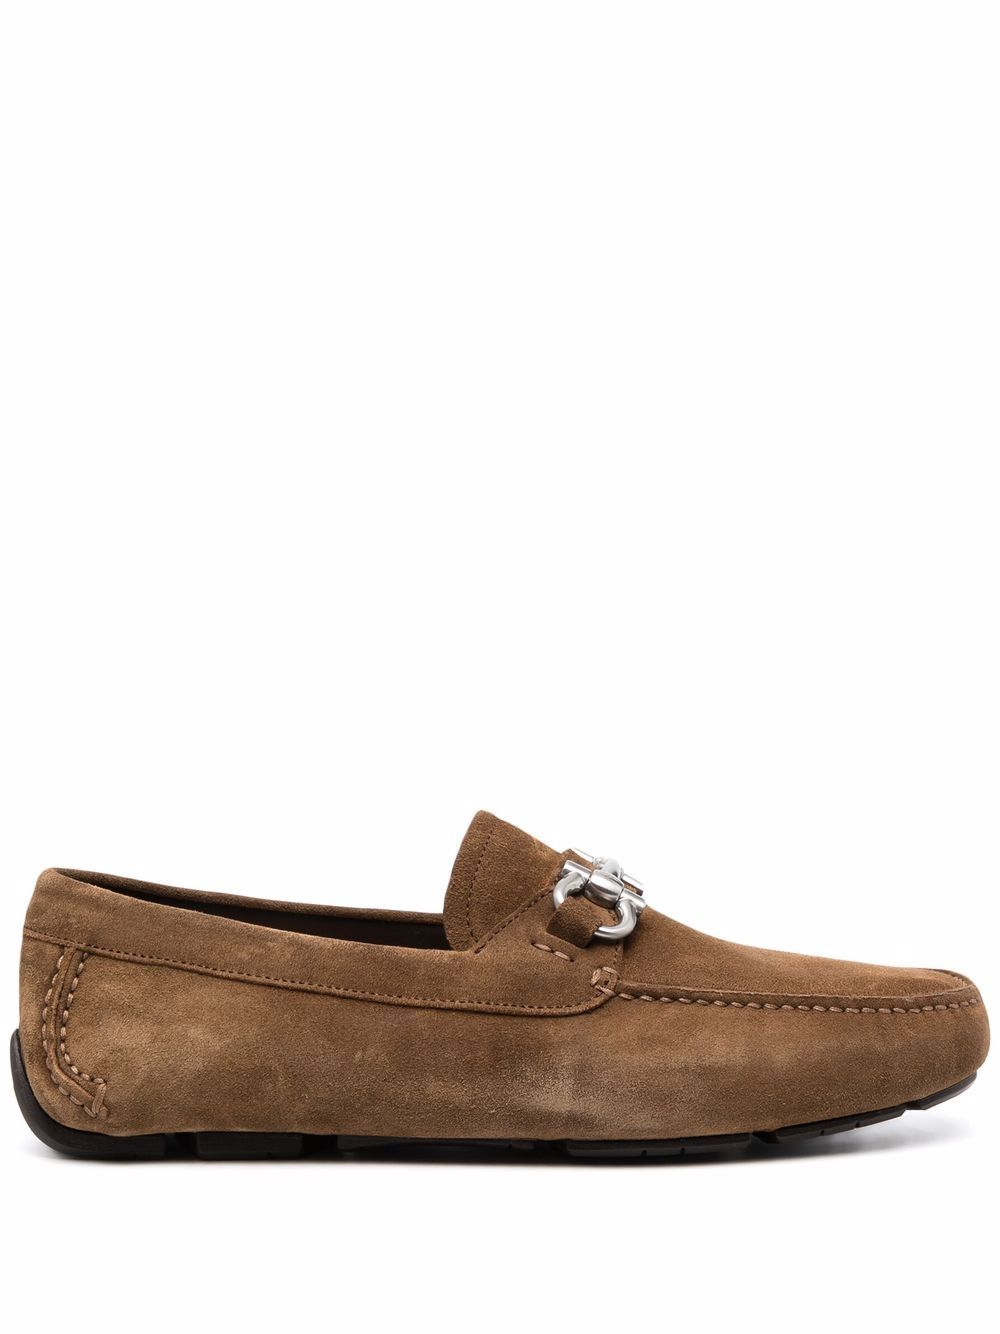 Salvatore ferragamo scarpe basse marrone - Salvatore Ferragamo